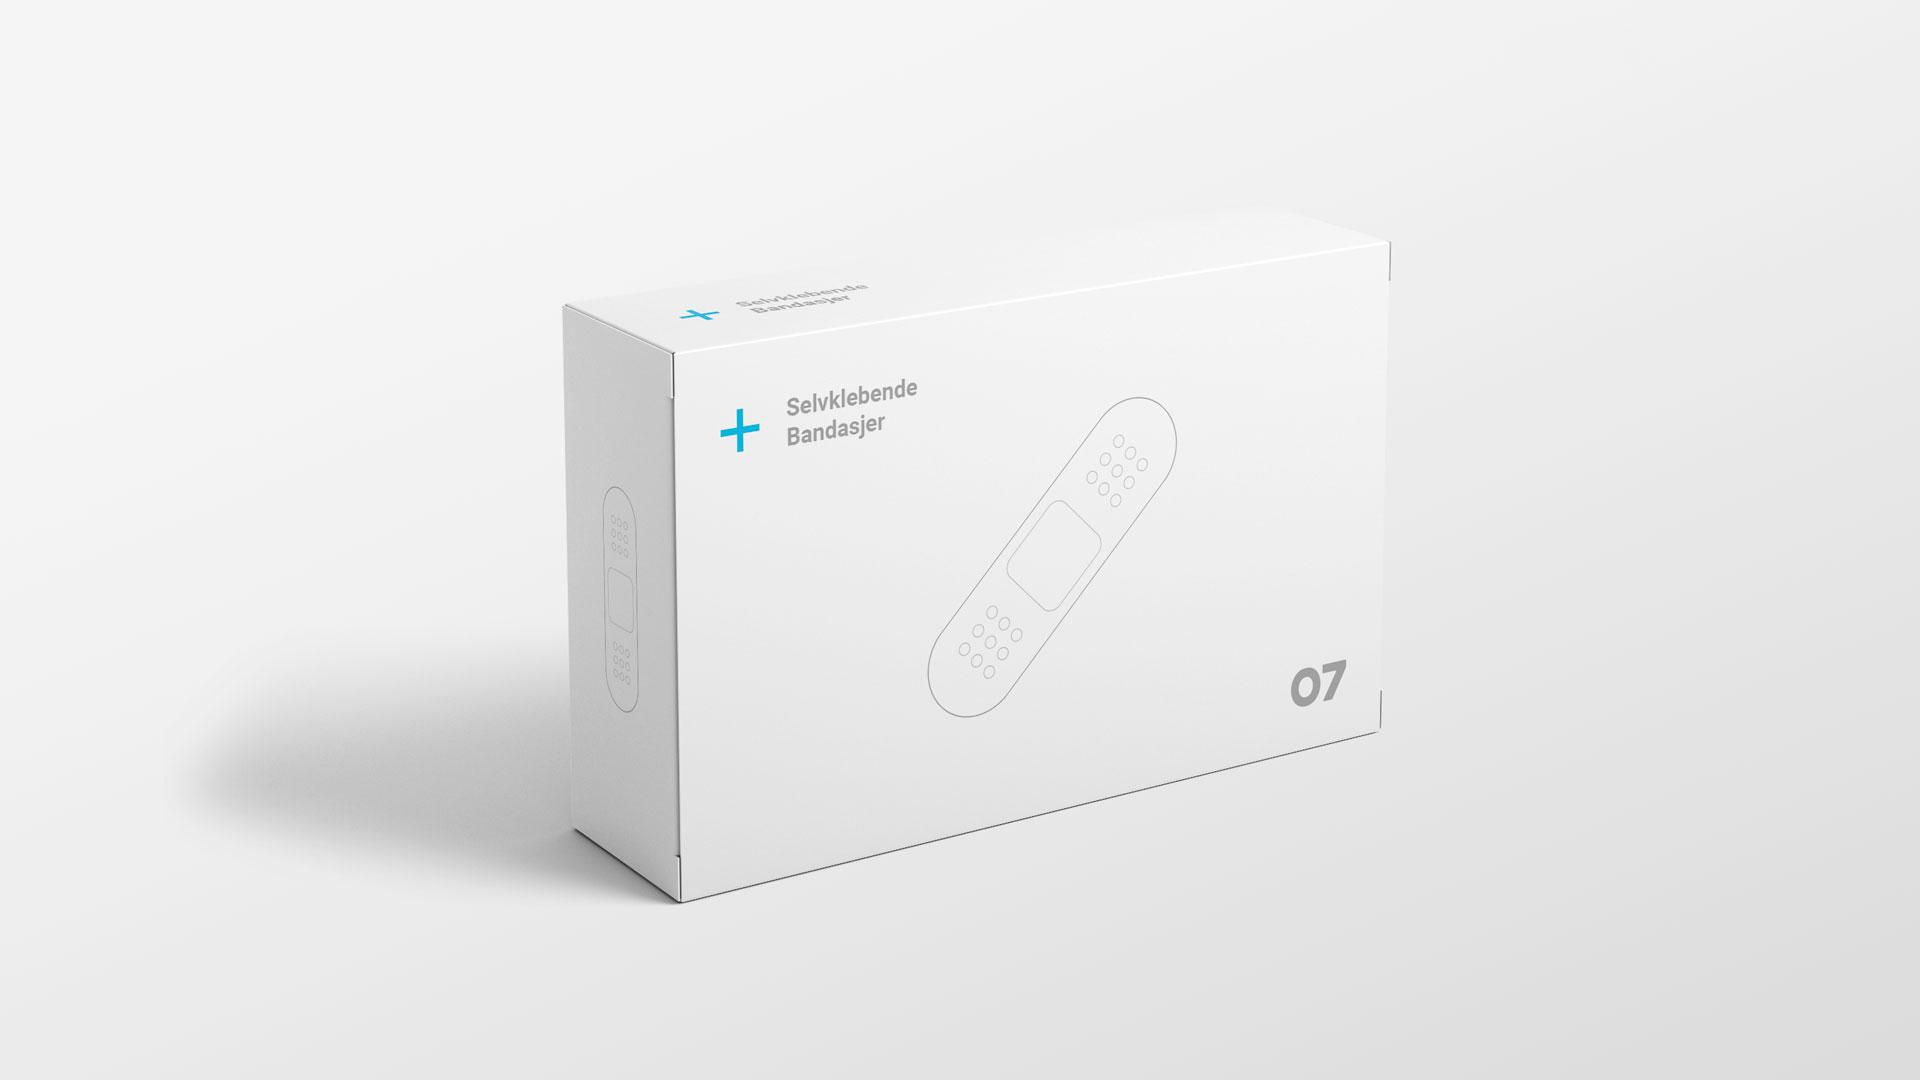 Emballasjedesign av selvklebende bandasjer i 07 sin profil. Illustrasjonsbilde.